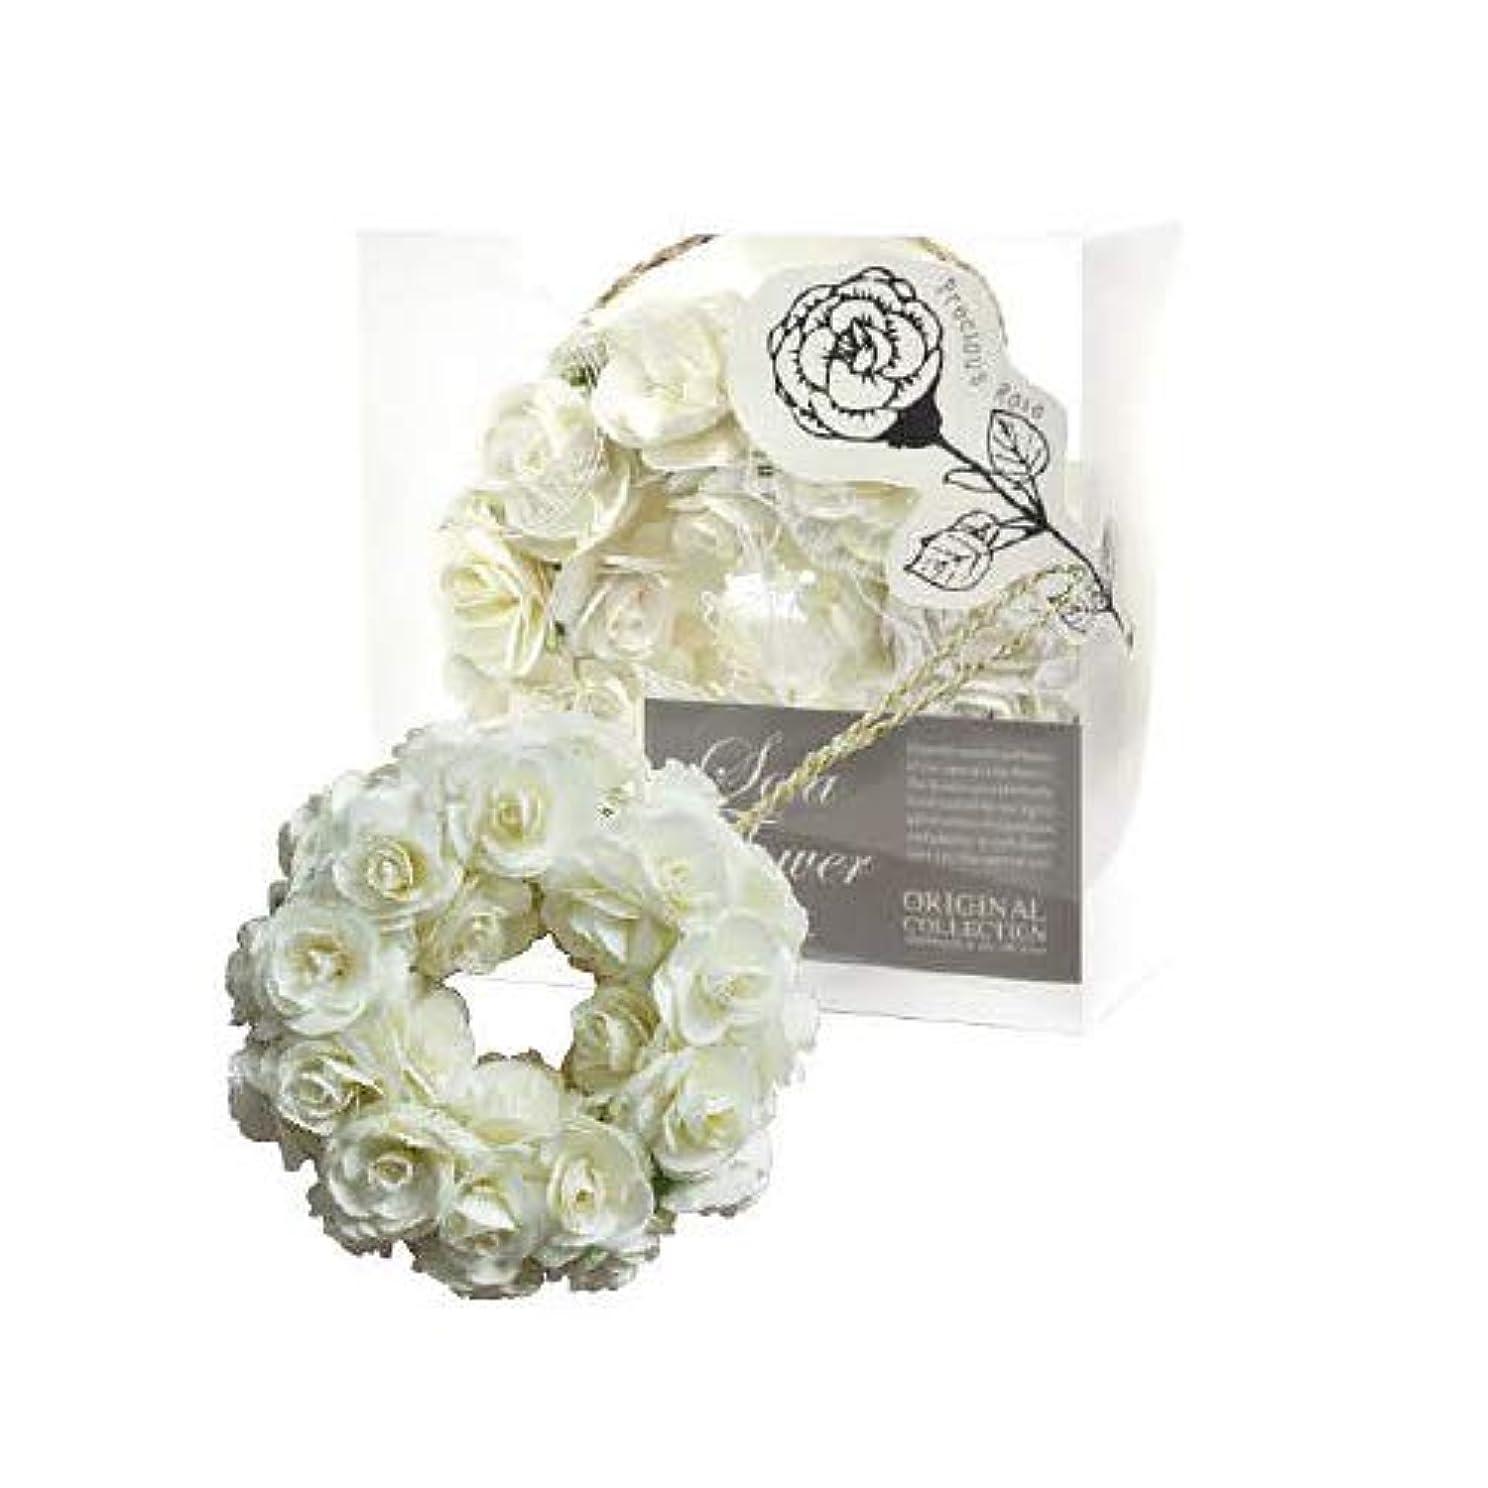 メガロポリス飲料ワーディアンケースnew Sola Flower ソラフラワー Wreath リース Precious Rose プレシャスローズ